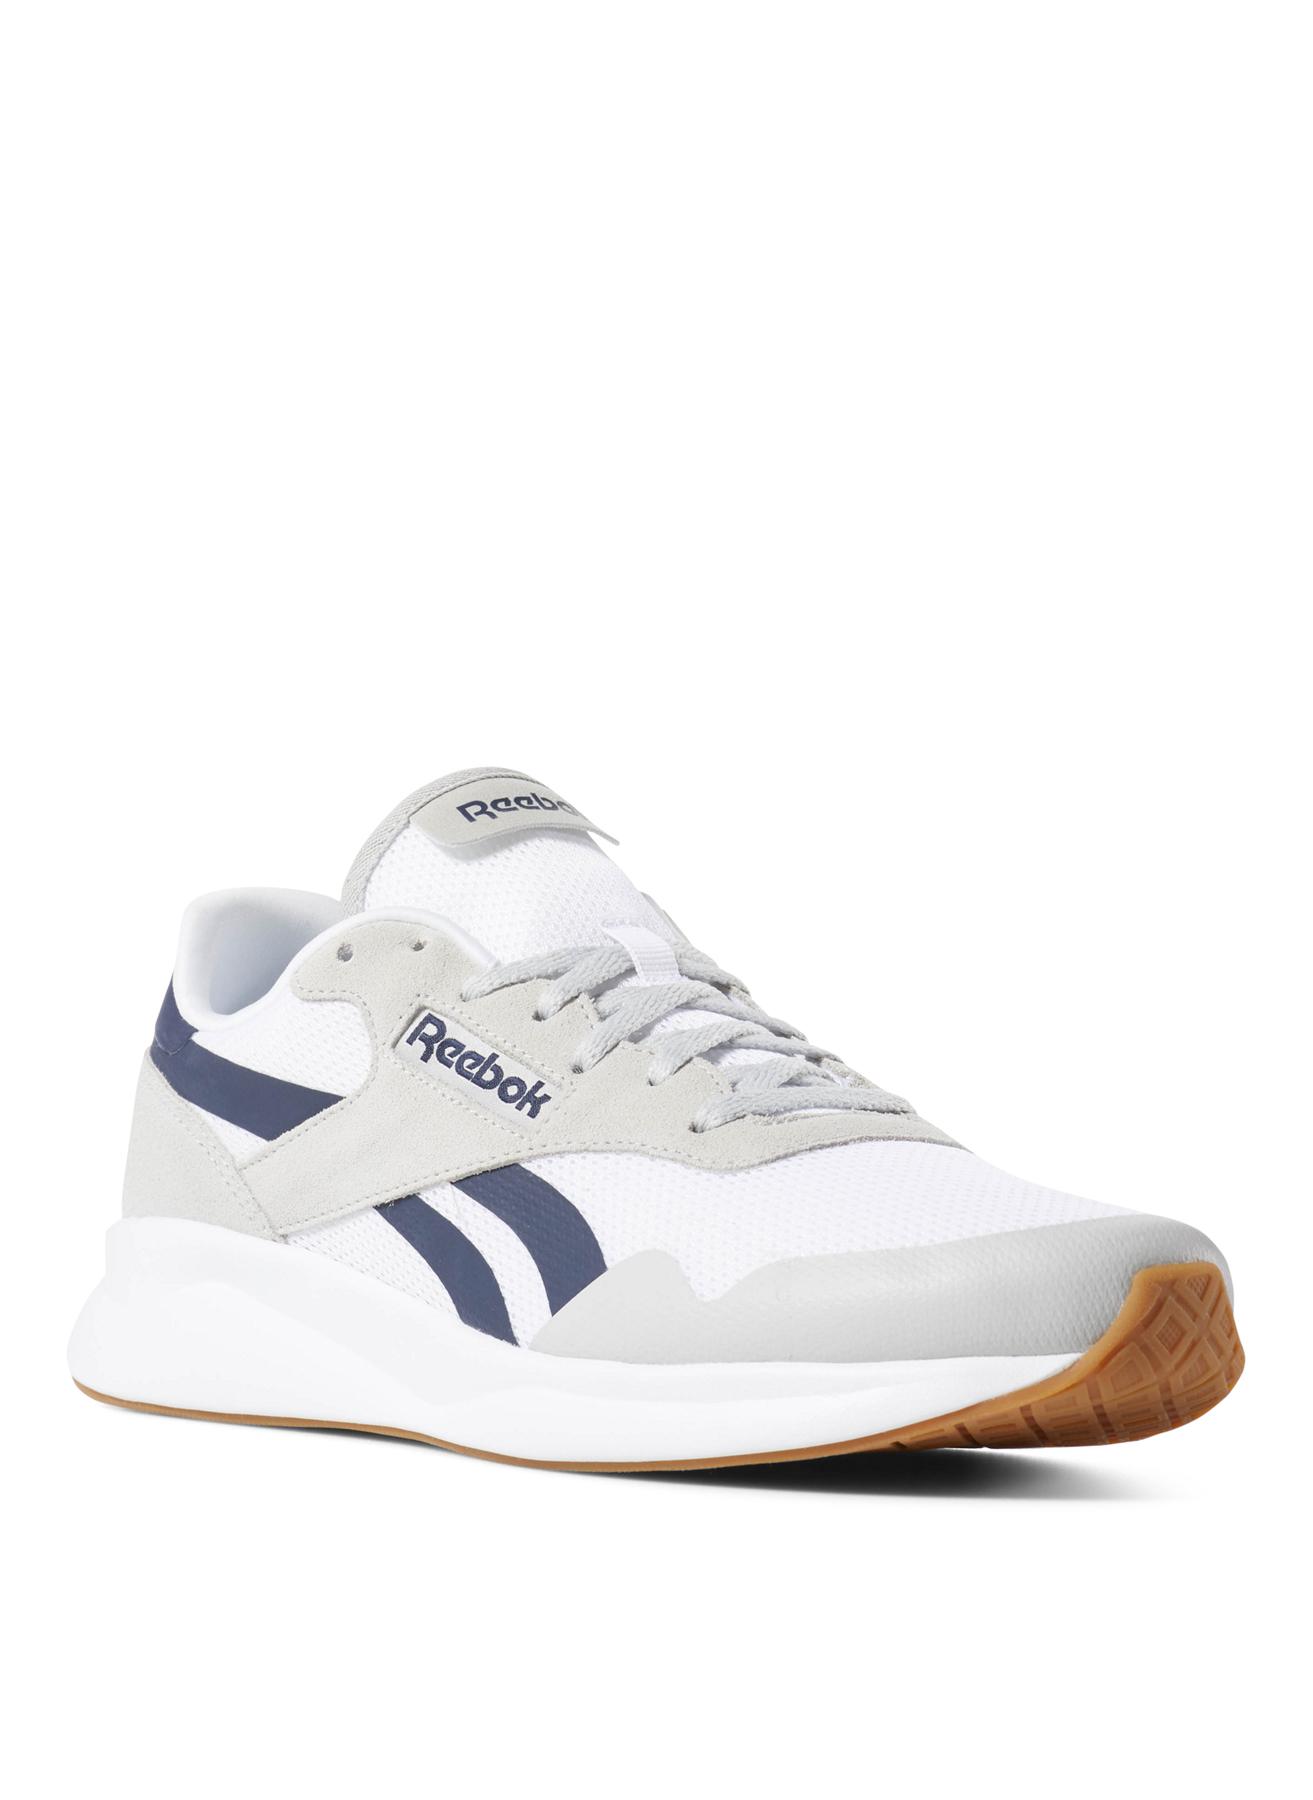 Reebok Lifestyle Ayakkabı 41 5002359648002 Ürün Resmi